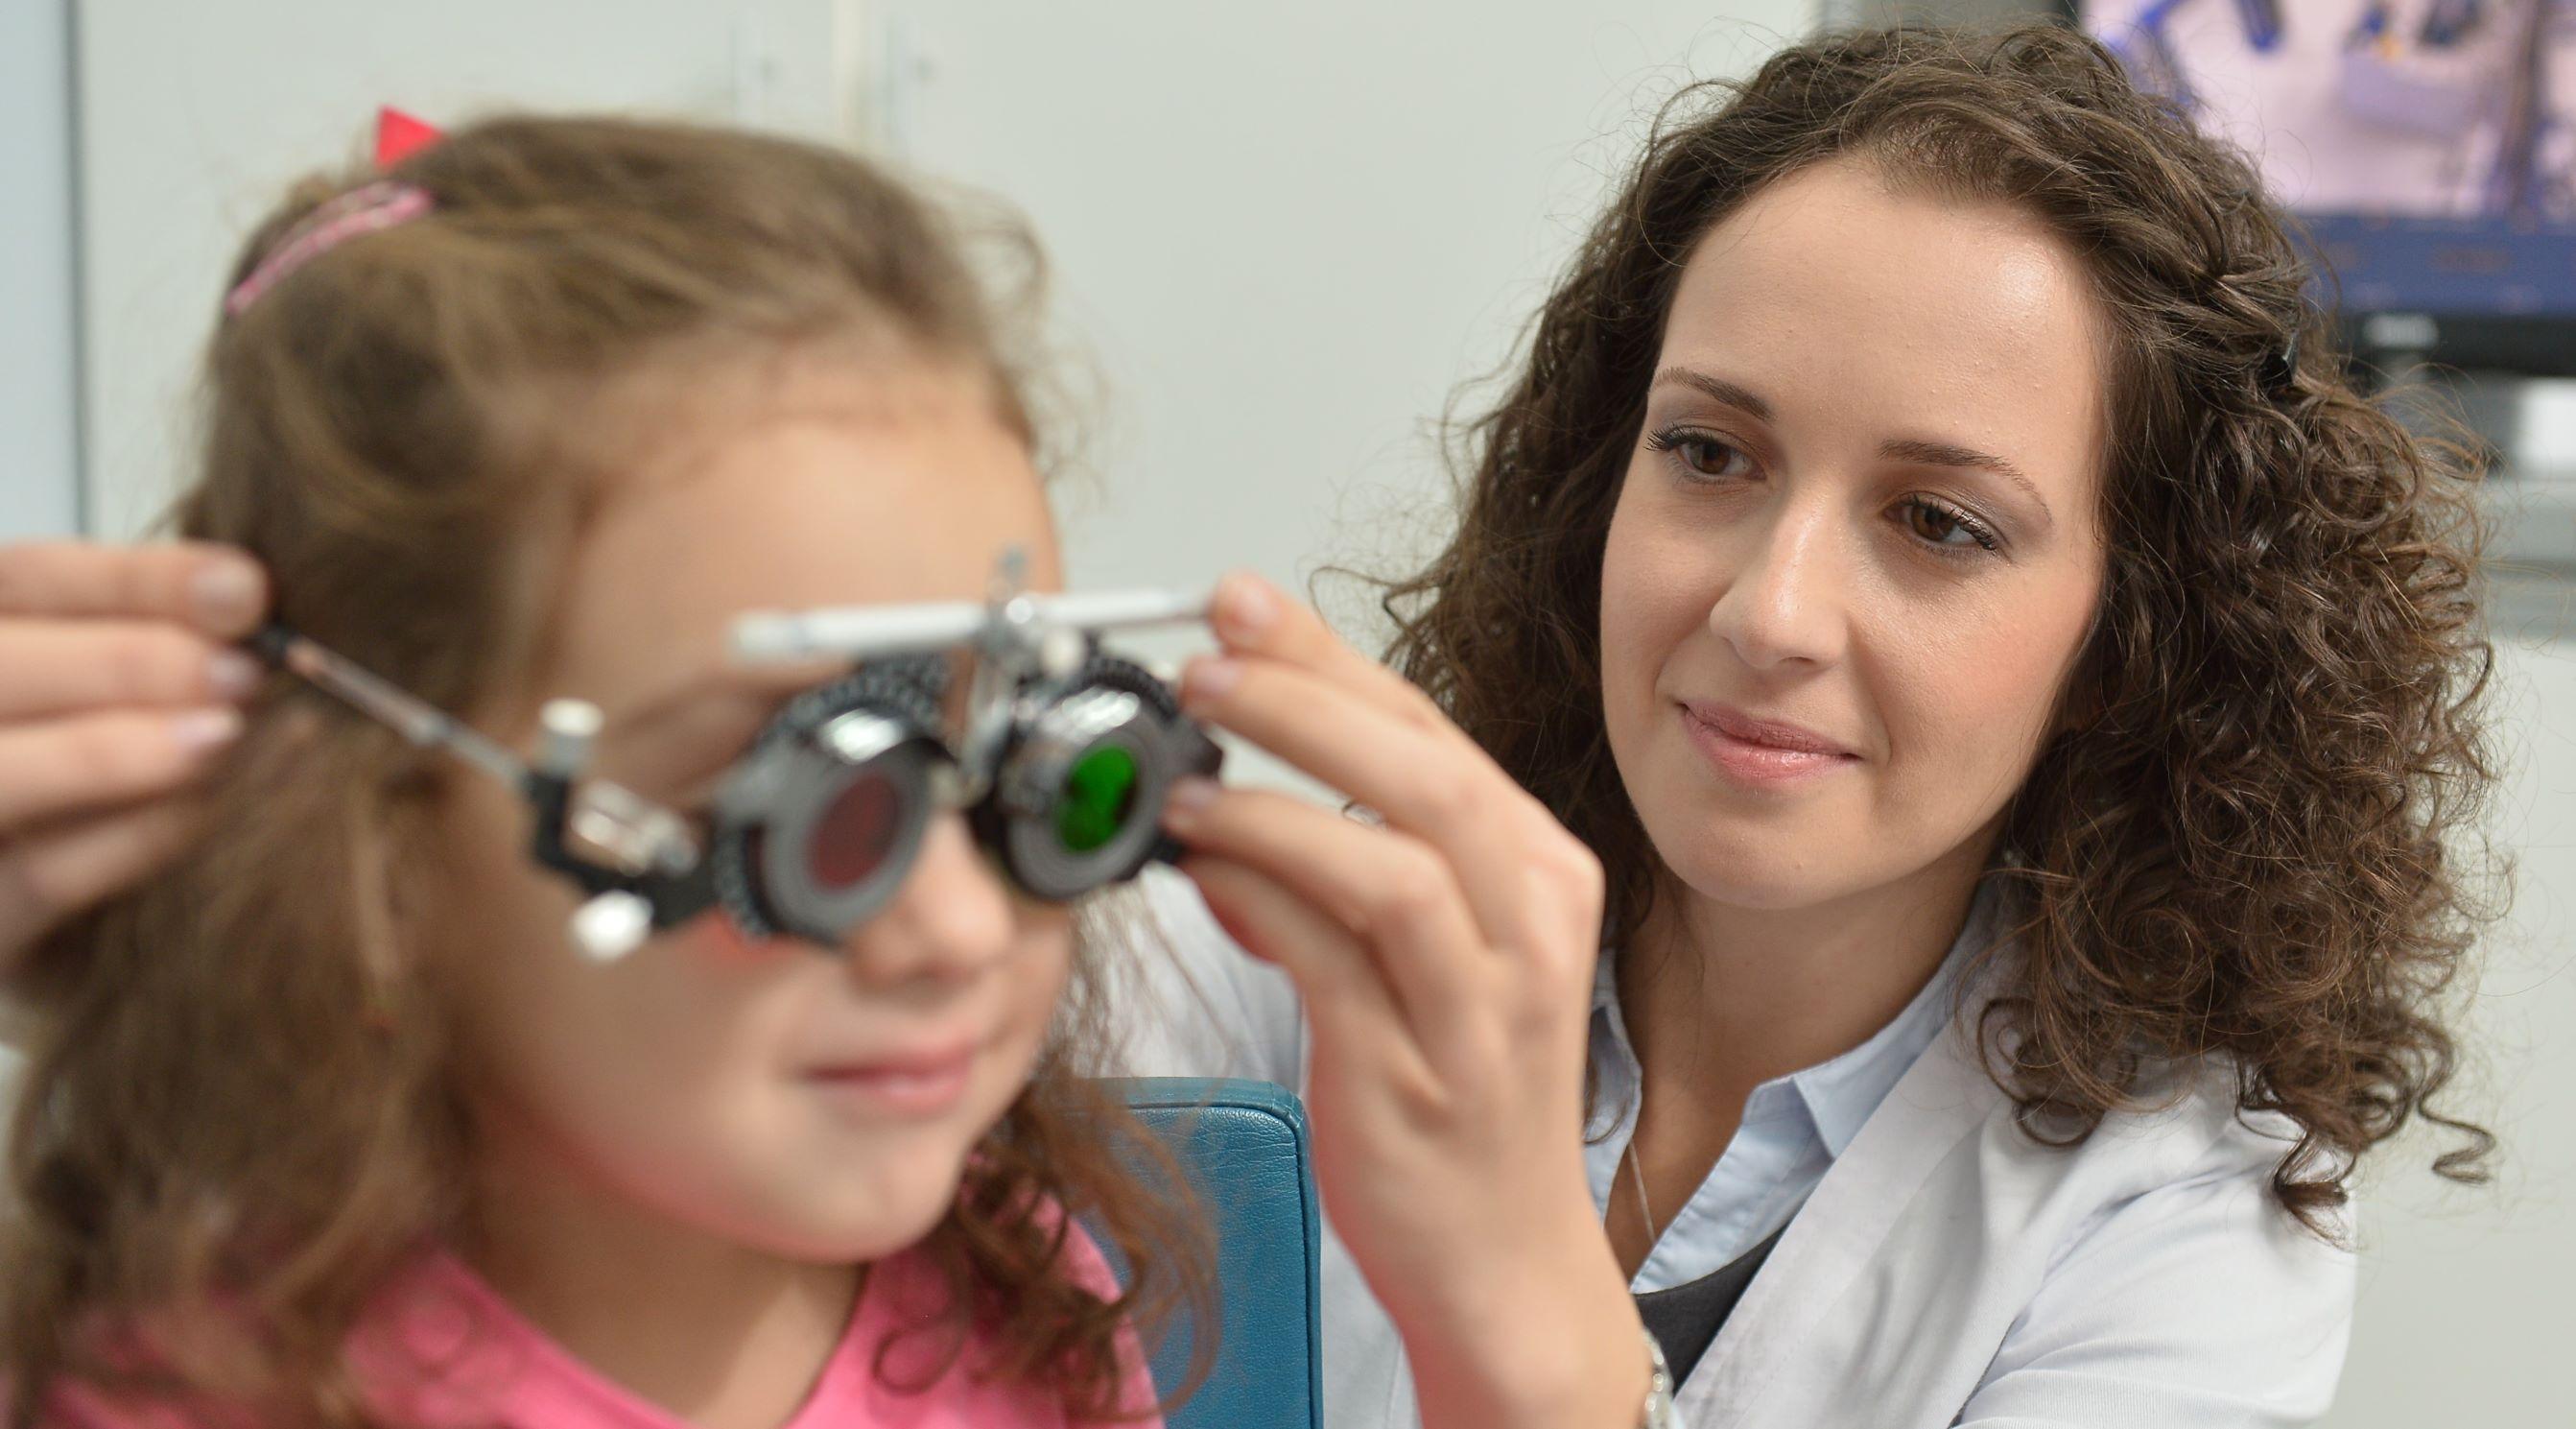 zi de vedere restabiliți vederea după uveită